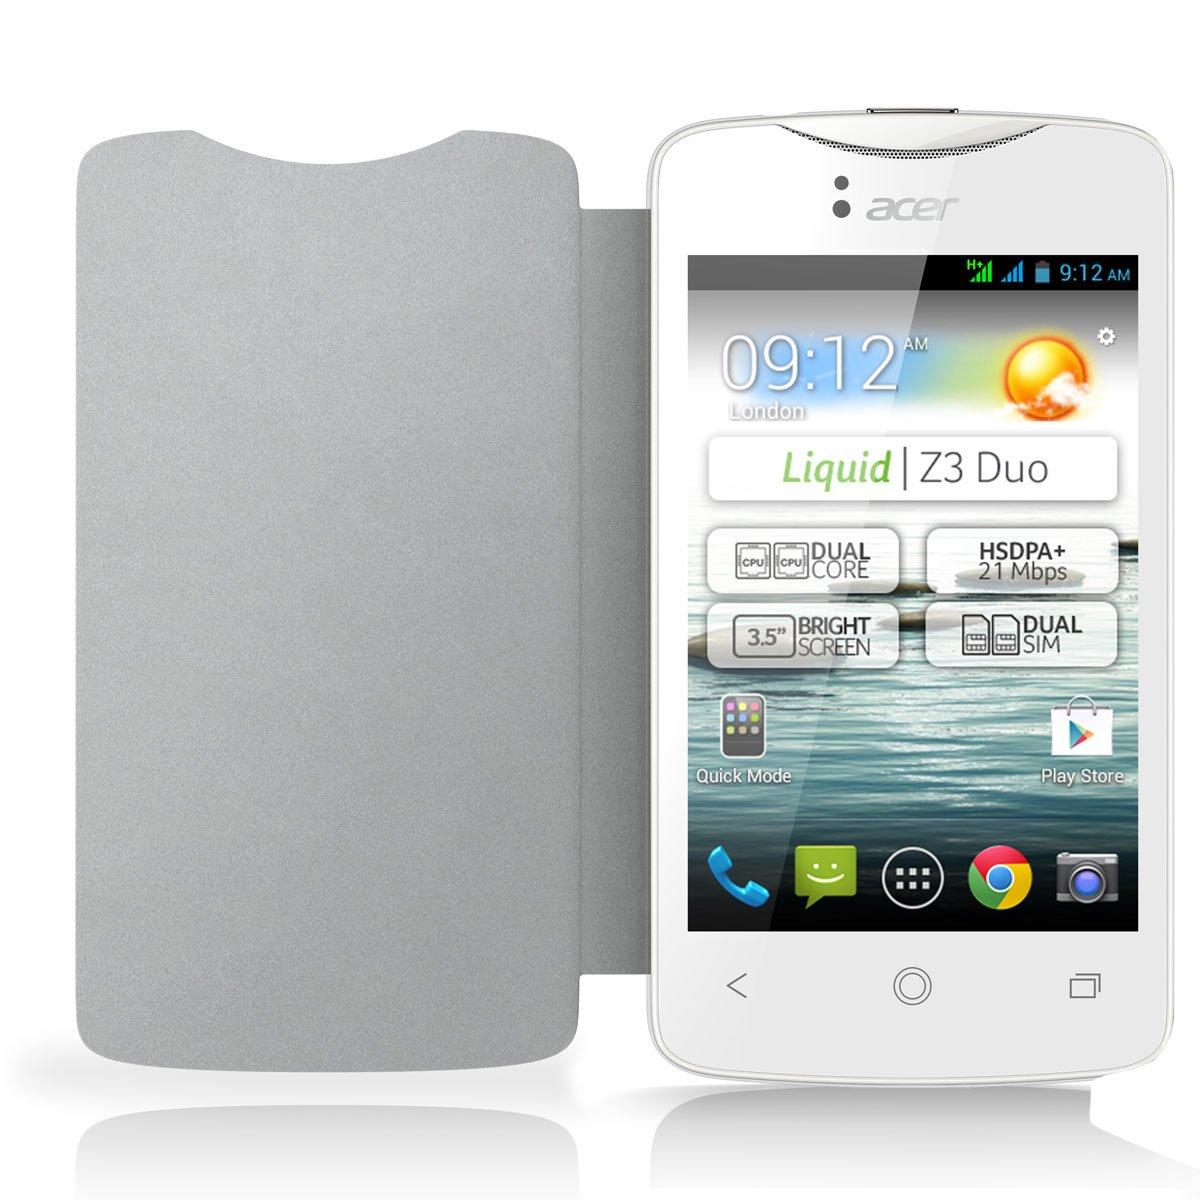 Acer HP.OTH11.009 - Funda con tapa para Acer Z3 (neopreno), color blanco  Electrónica más información y revisión